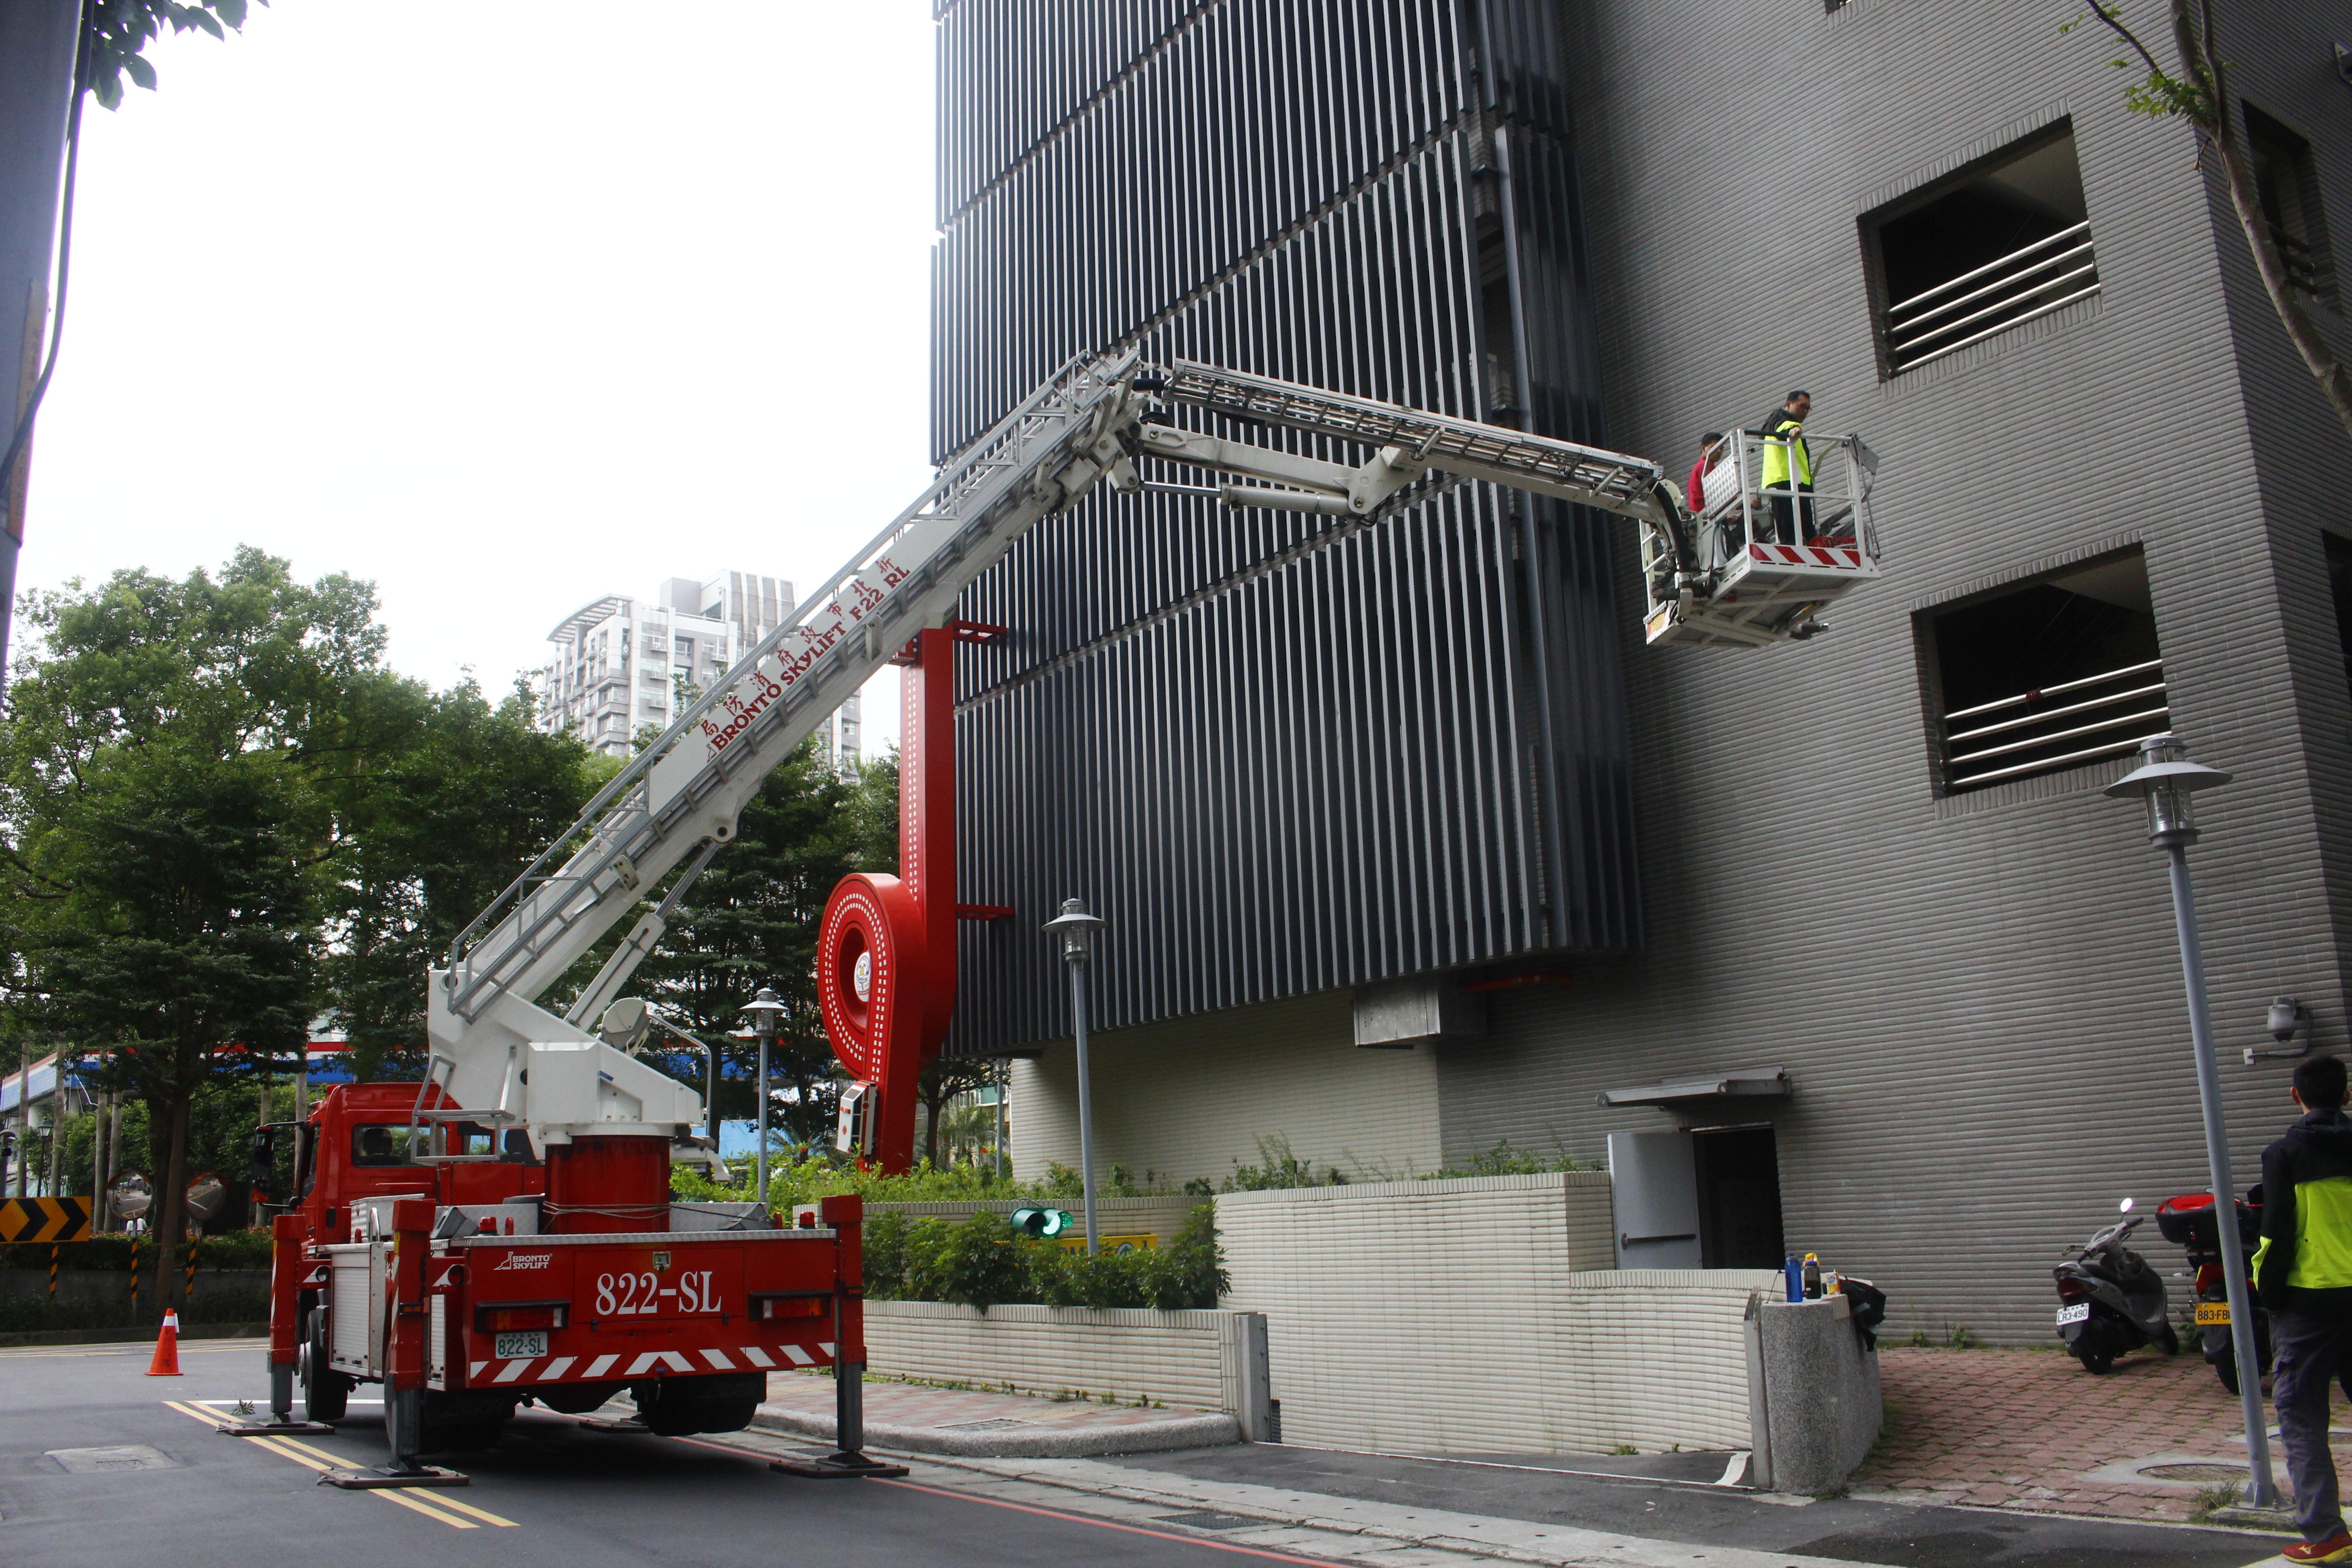 消防隊員利用新廳舍後方較少民眾出入的道路做雲梯車訓練。 攝影/祝敏婷